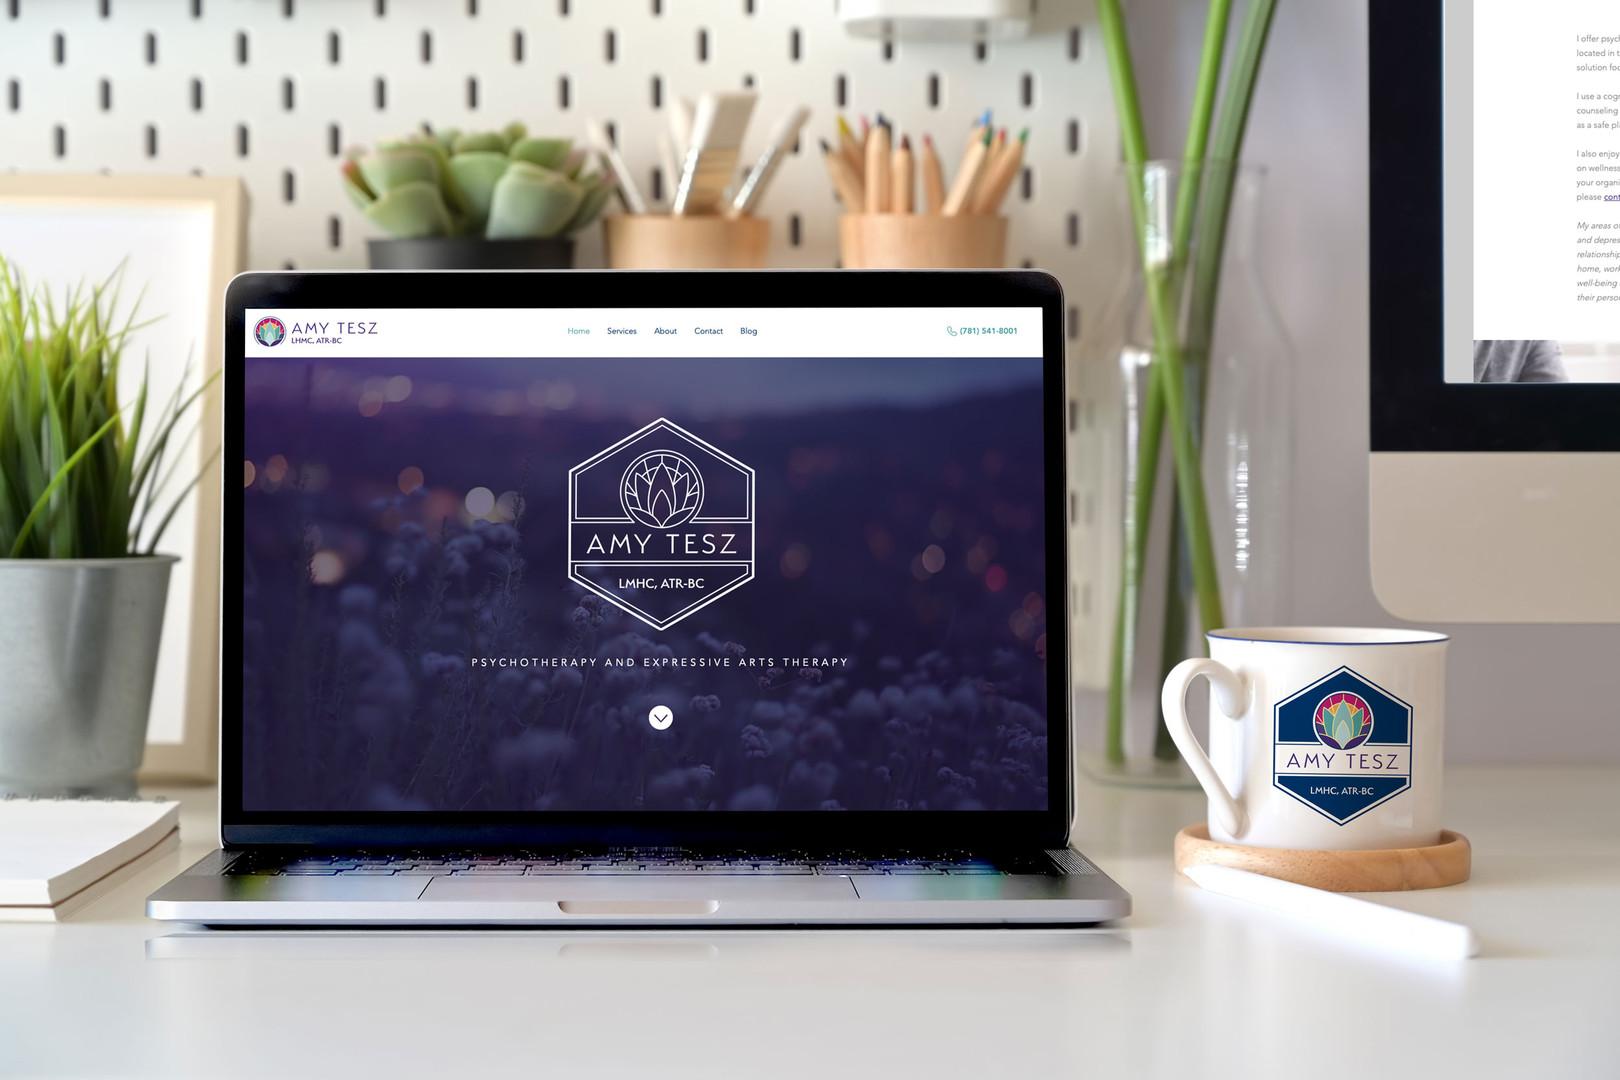 Full Rebrand and Website Design